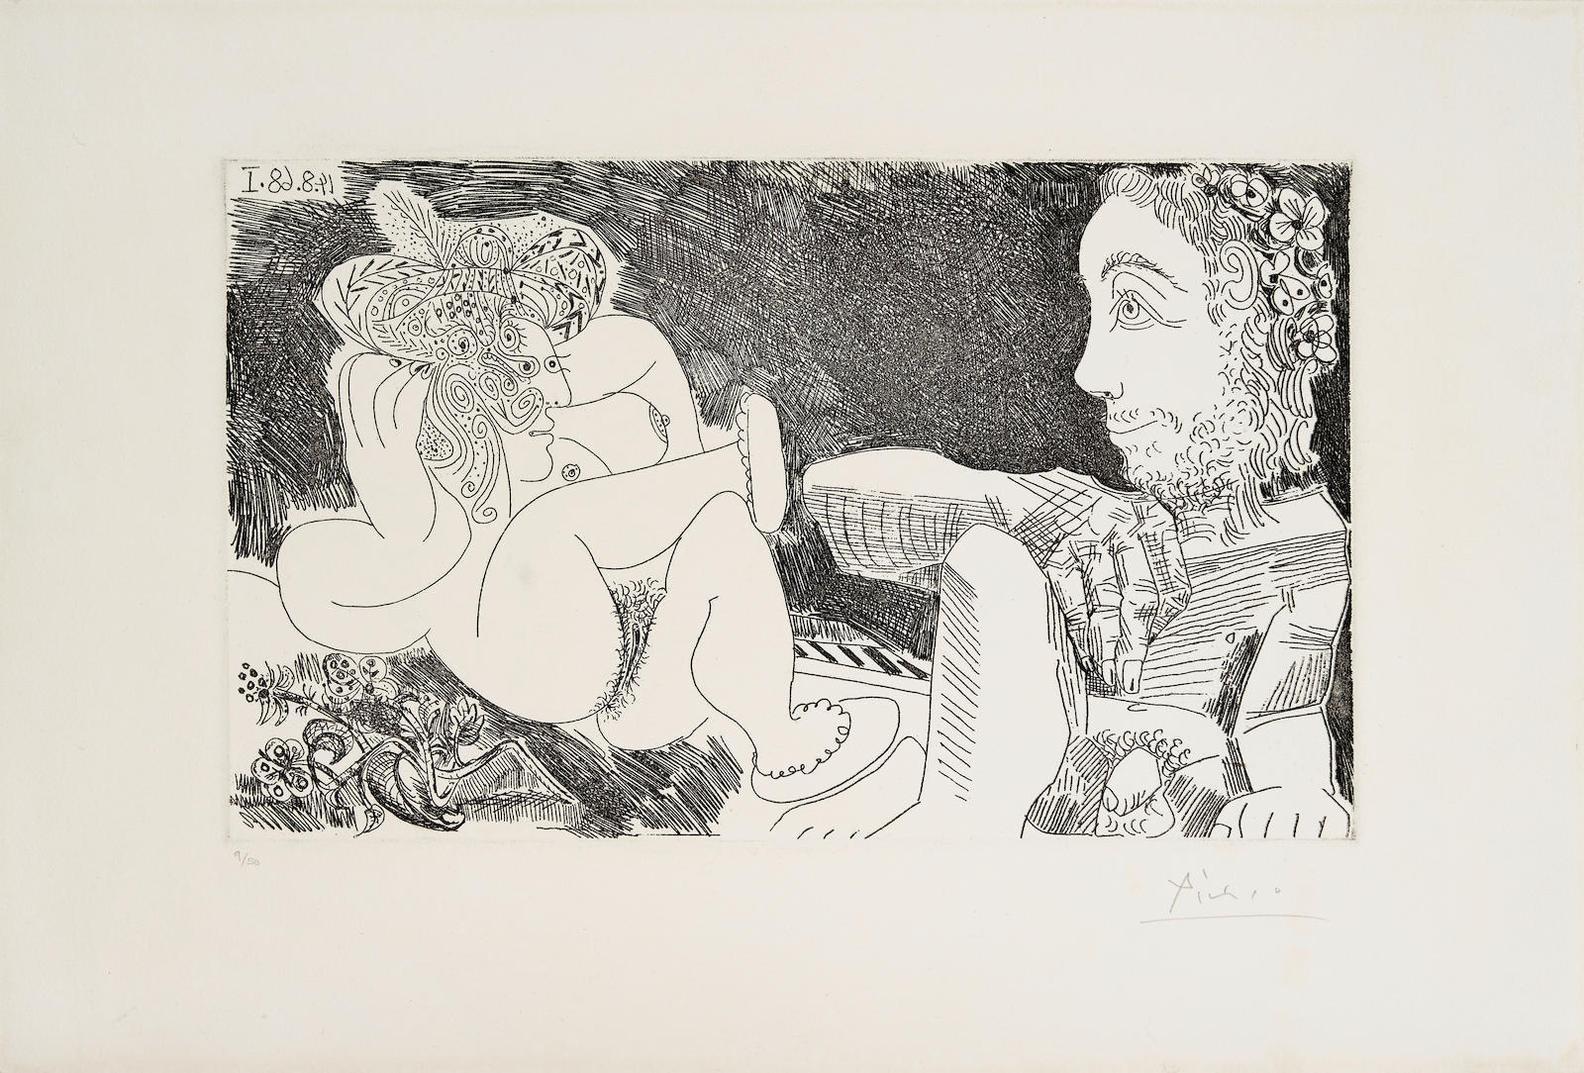 Pablo Picasso-Odalisque En Pantoufles, Et Spectateur Ingresque, From Series 347 (B.1756; Ba. 1774)-1968